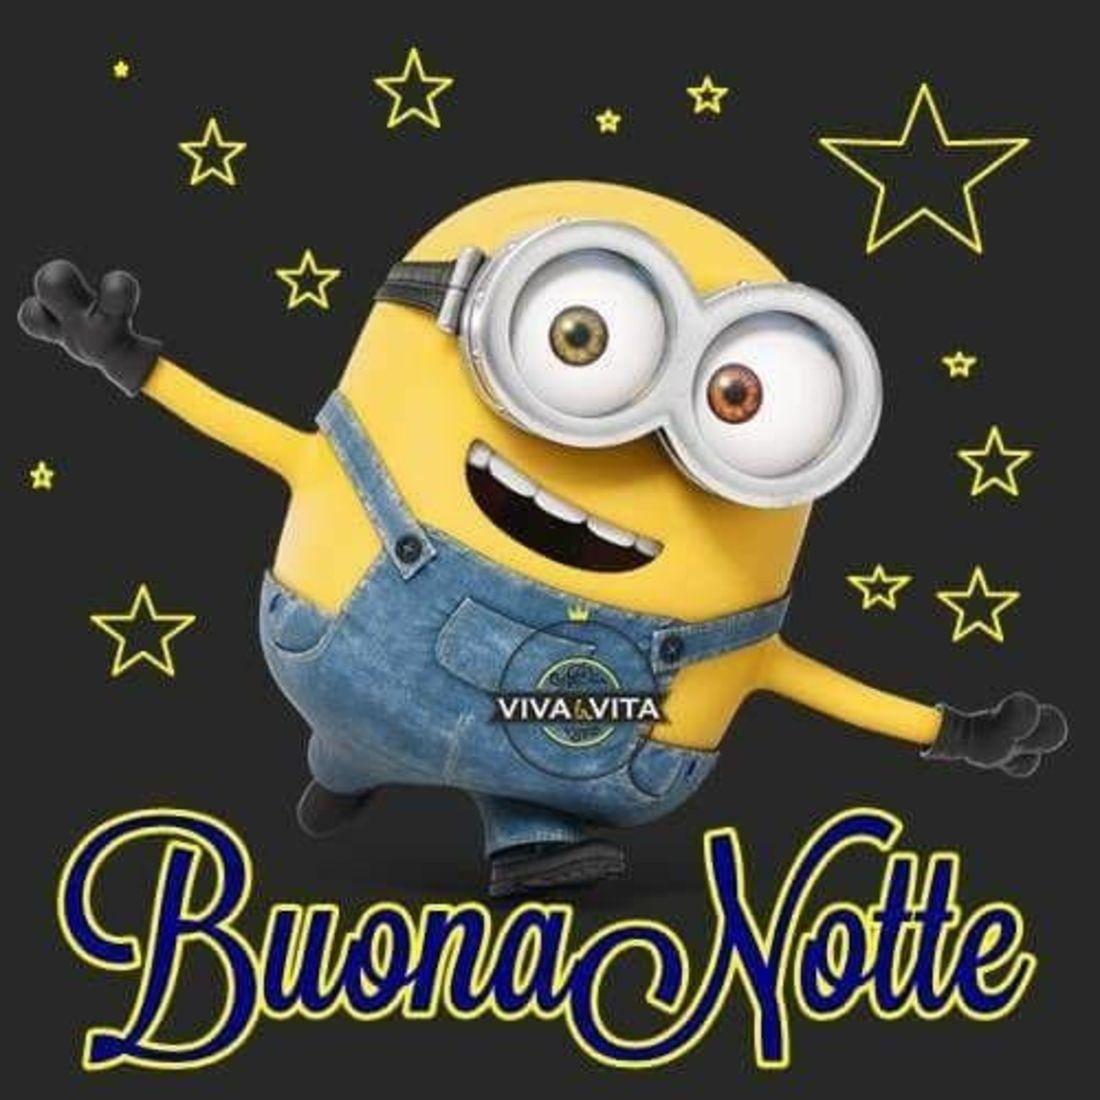 Immagini Buonanotte Belle Gratis Per Whatsapp Web Archives